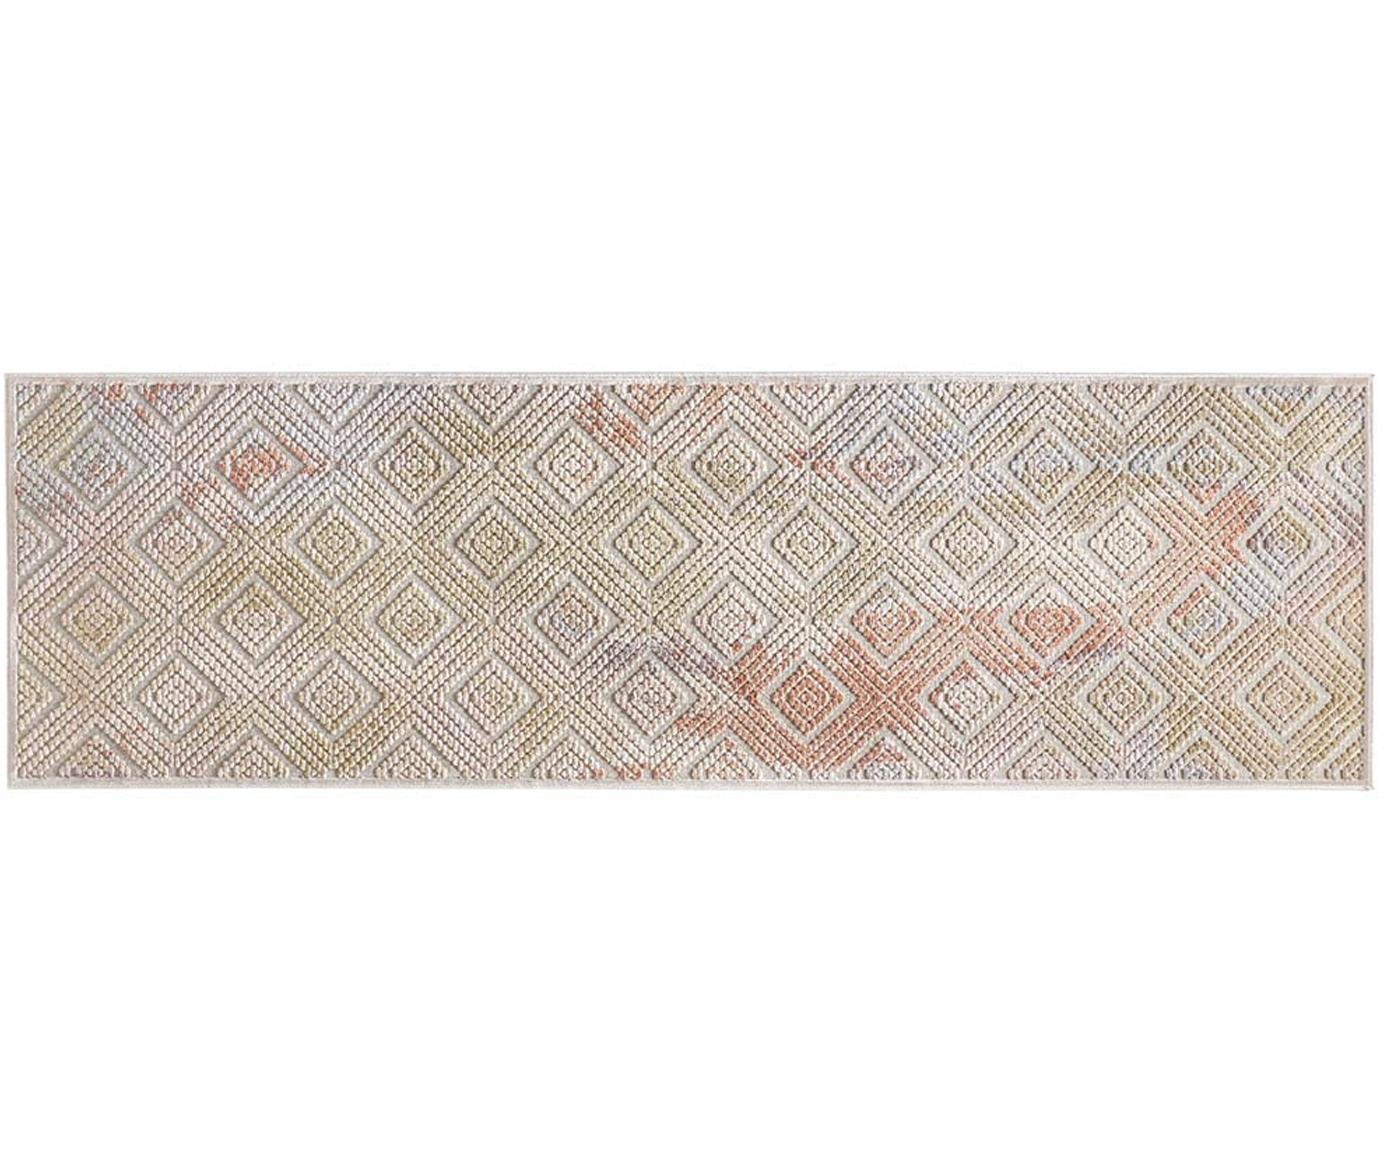 Passatoia in viscosa con effetto a rilievo Isère, Retro: juta, Grigio argento, multicolore, Larg. 80 x Lung. 250 cm